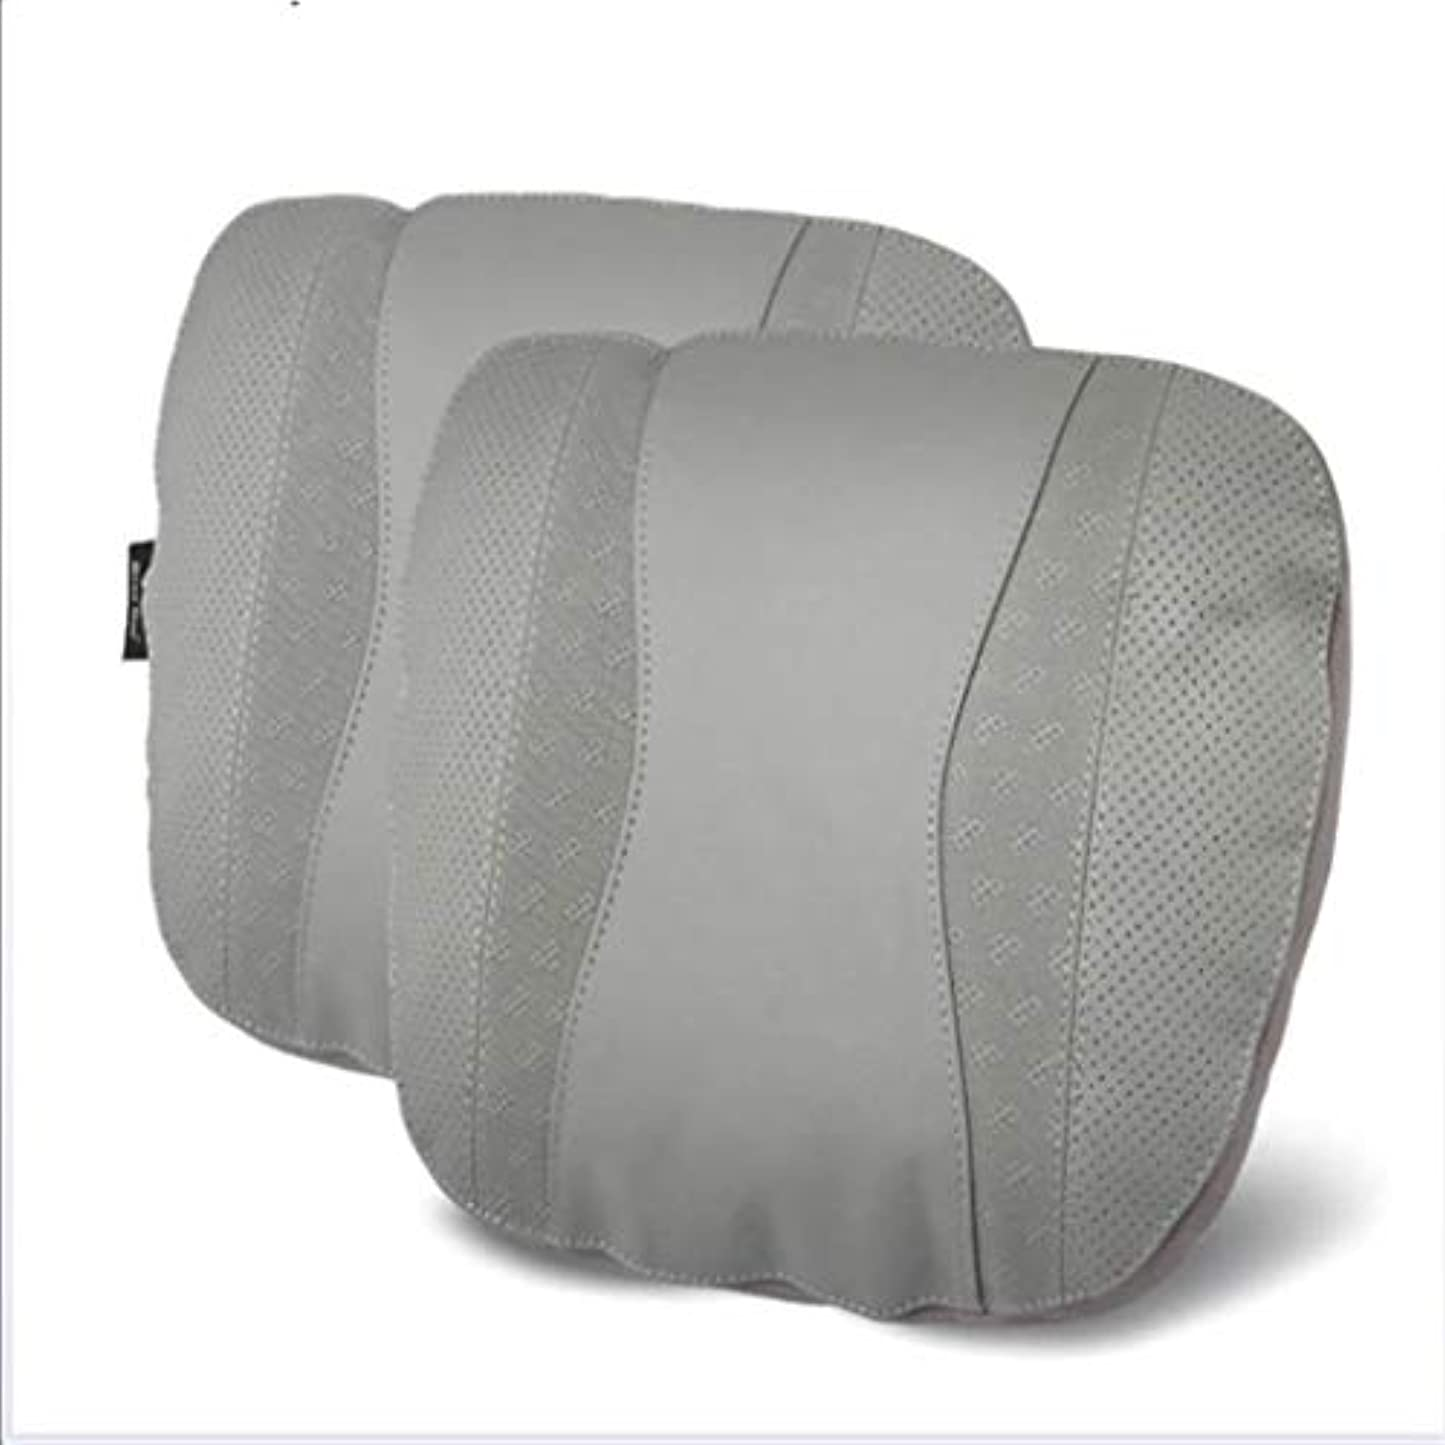 カラス粉砕するカメラネックピロー、カーシートネックピロー、トラベルピローネックパッド、カーネックピローサポートピローとして使用、航空機のネックピロー、首の疲れを和らげる (Color : Gray)